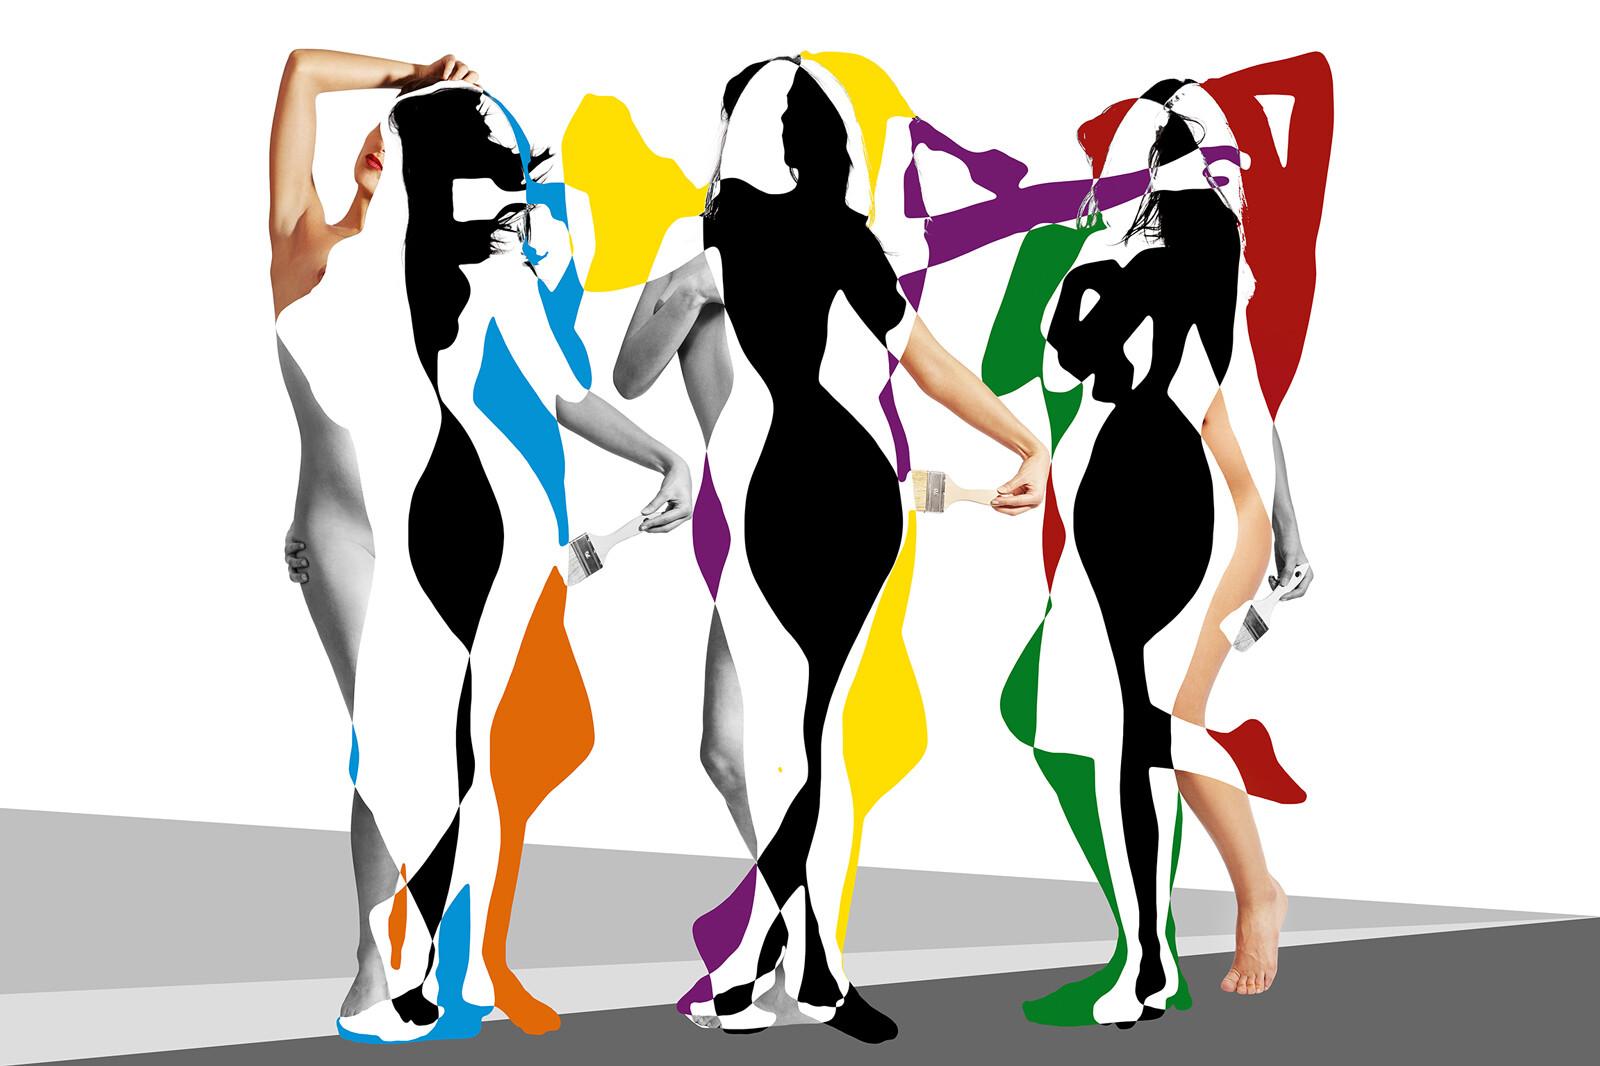 Salome's Dance - Iannis Pledel